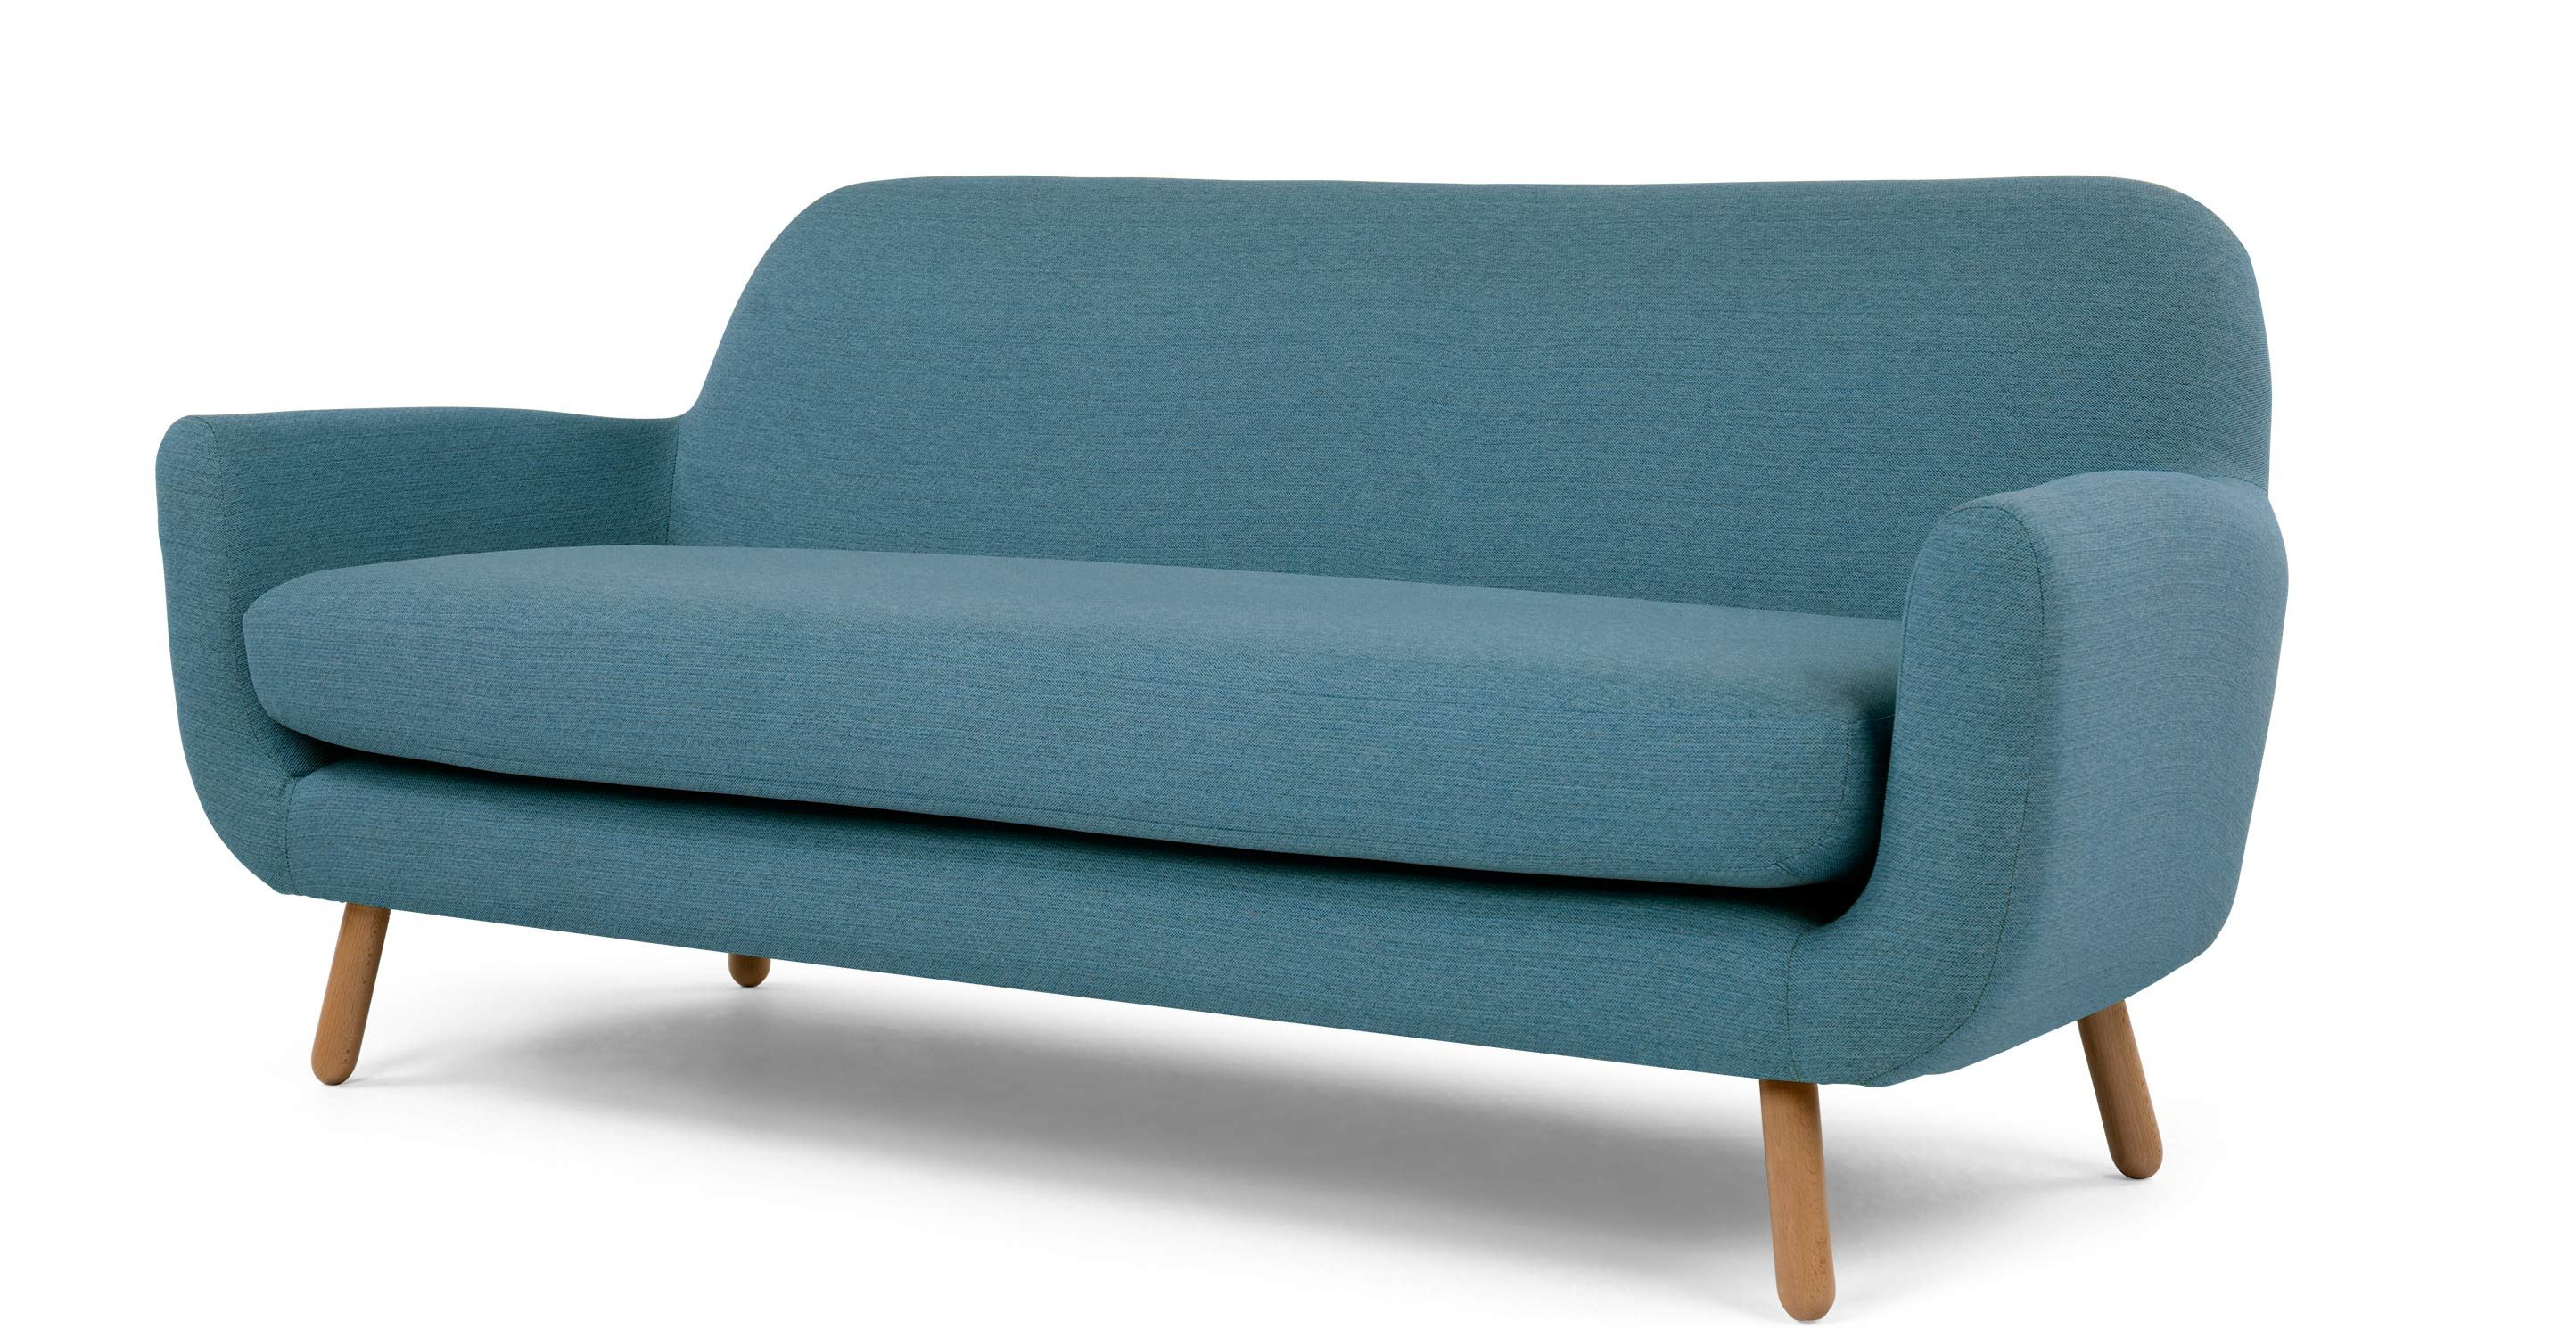 Jonah 3 Sitzer Sofa Marineblau Made Com Jetzt Bestellen Unter Https Moebel Ladendirekt De Wohnzimmer Sofas 2 Und 3 Sitzer Sofa Grunes Sofa 2 Sitzer Sofa